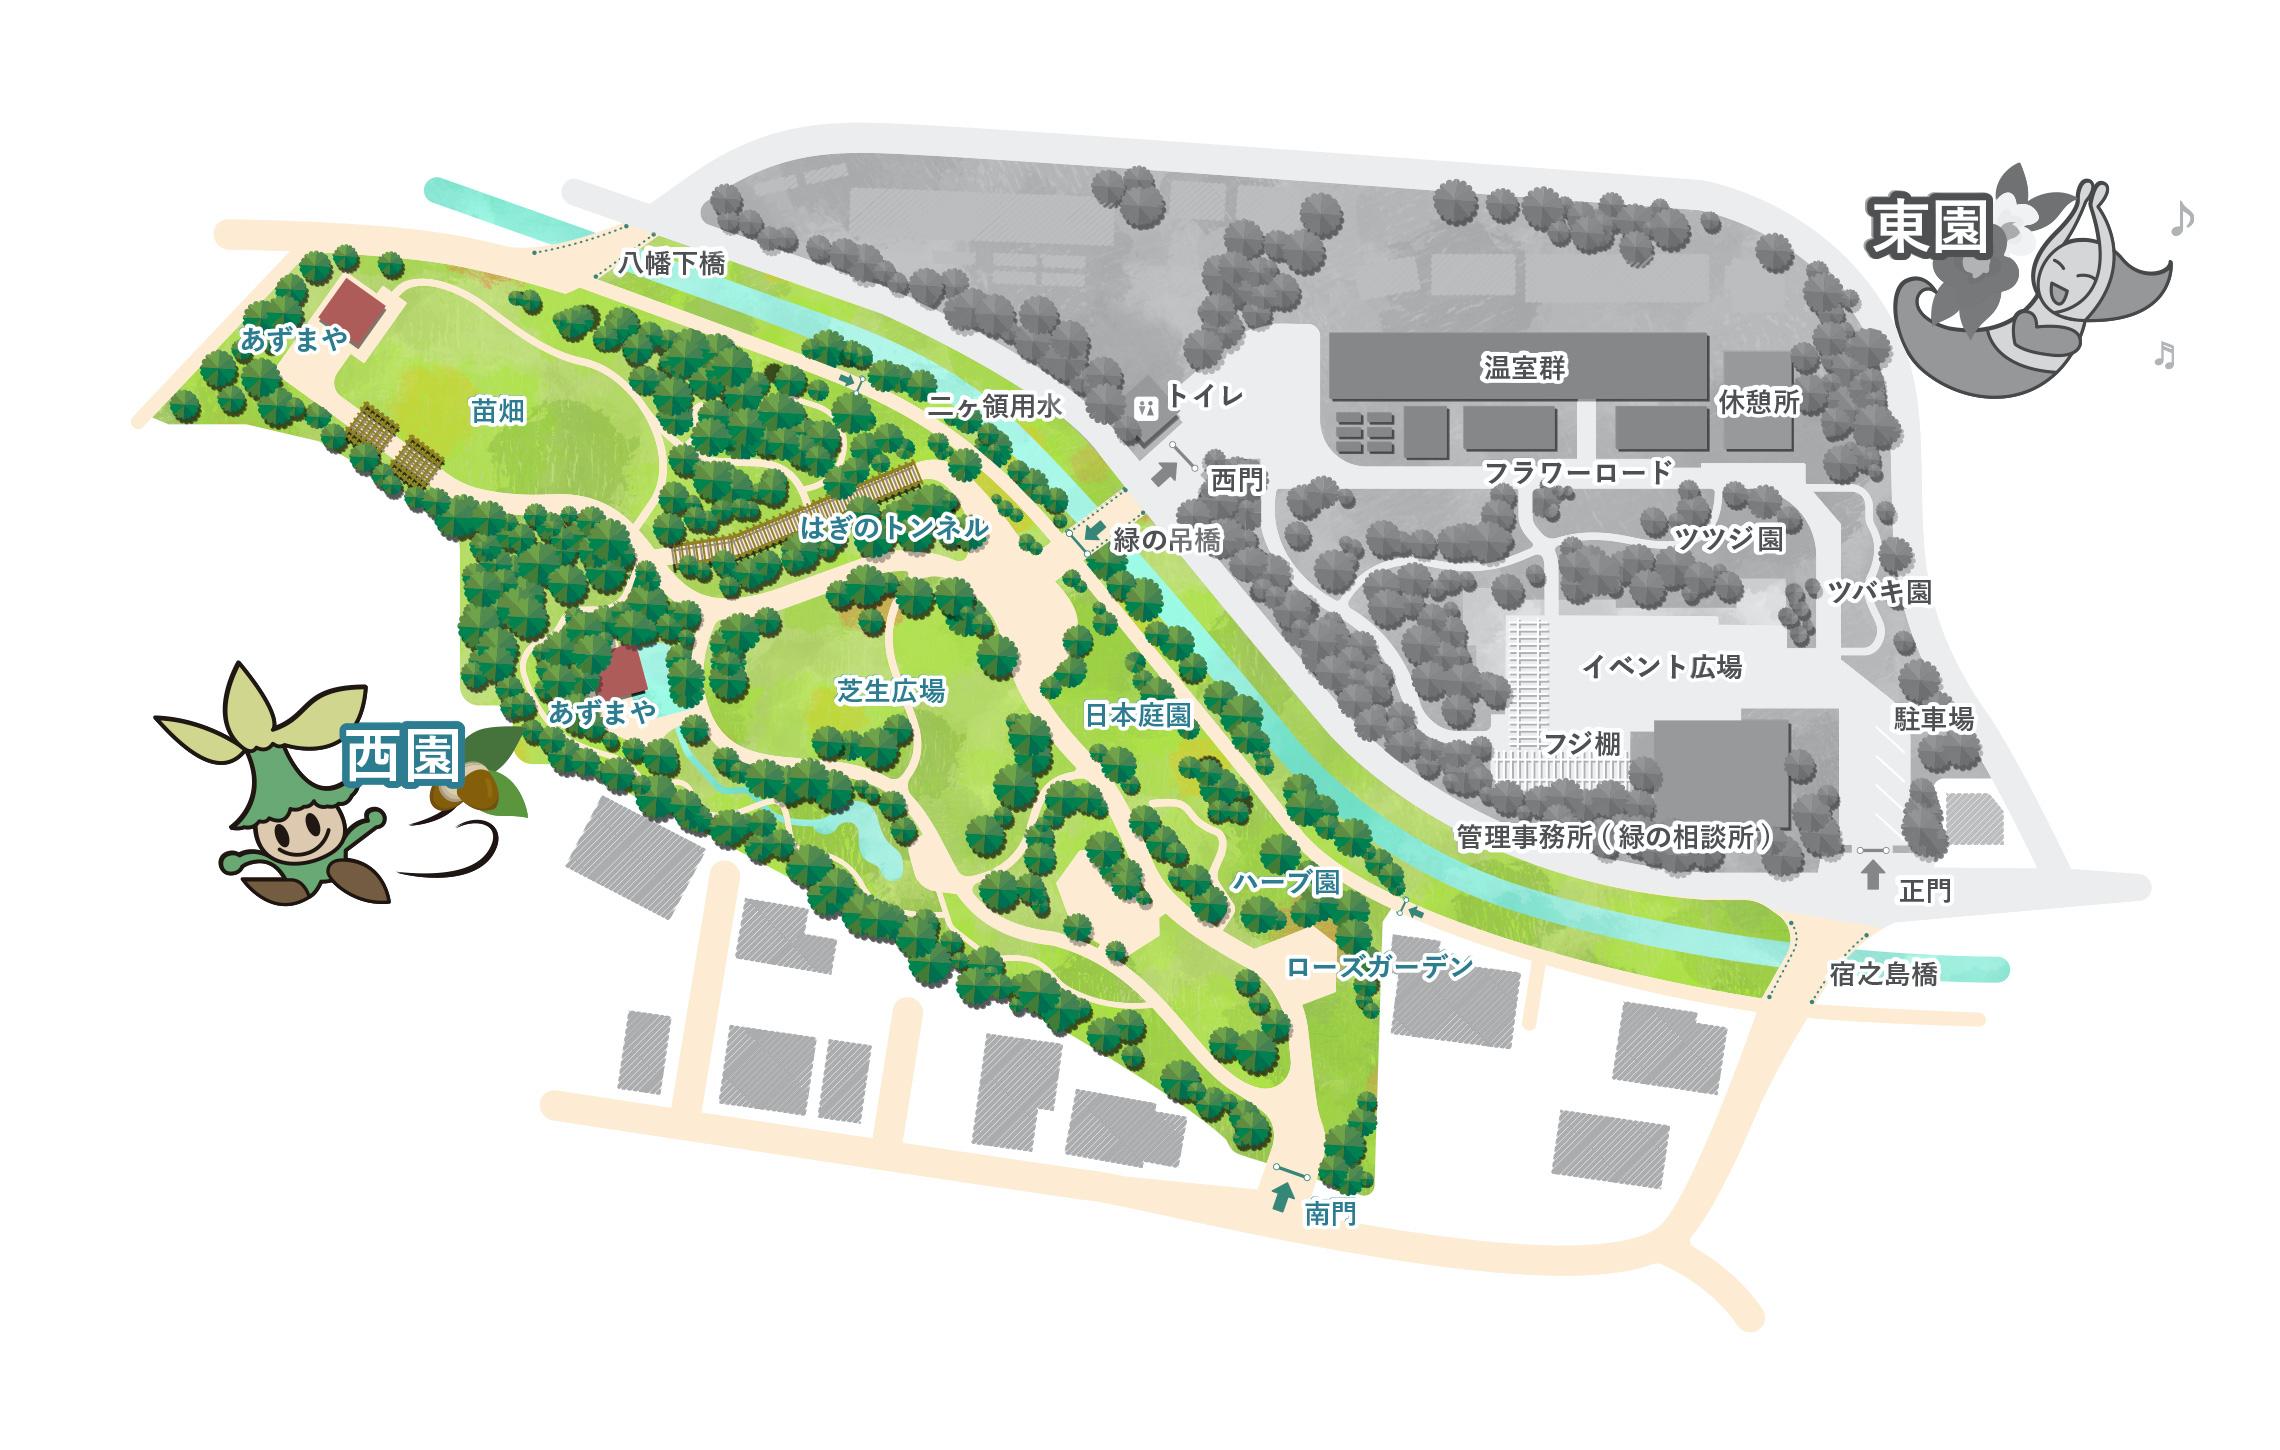 西園には、ローズガーデン、ハーブ園、日本庭園、芝生広場、はぎのトンネル、あずまや、苗畑があります。